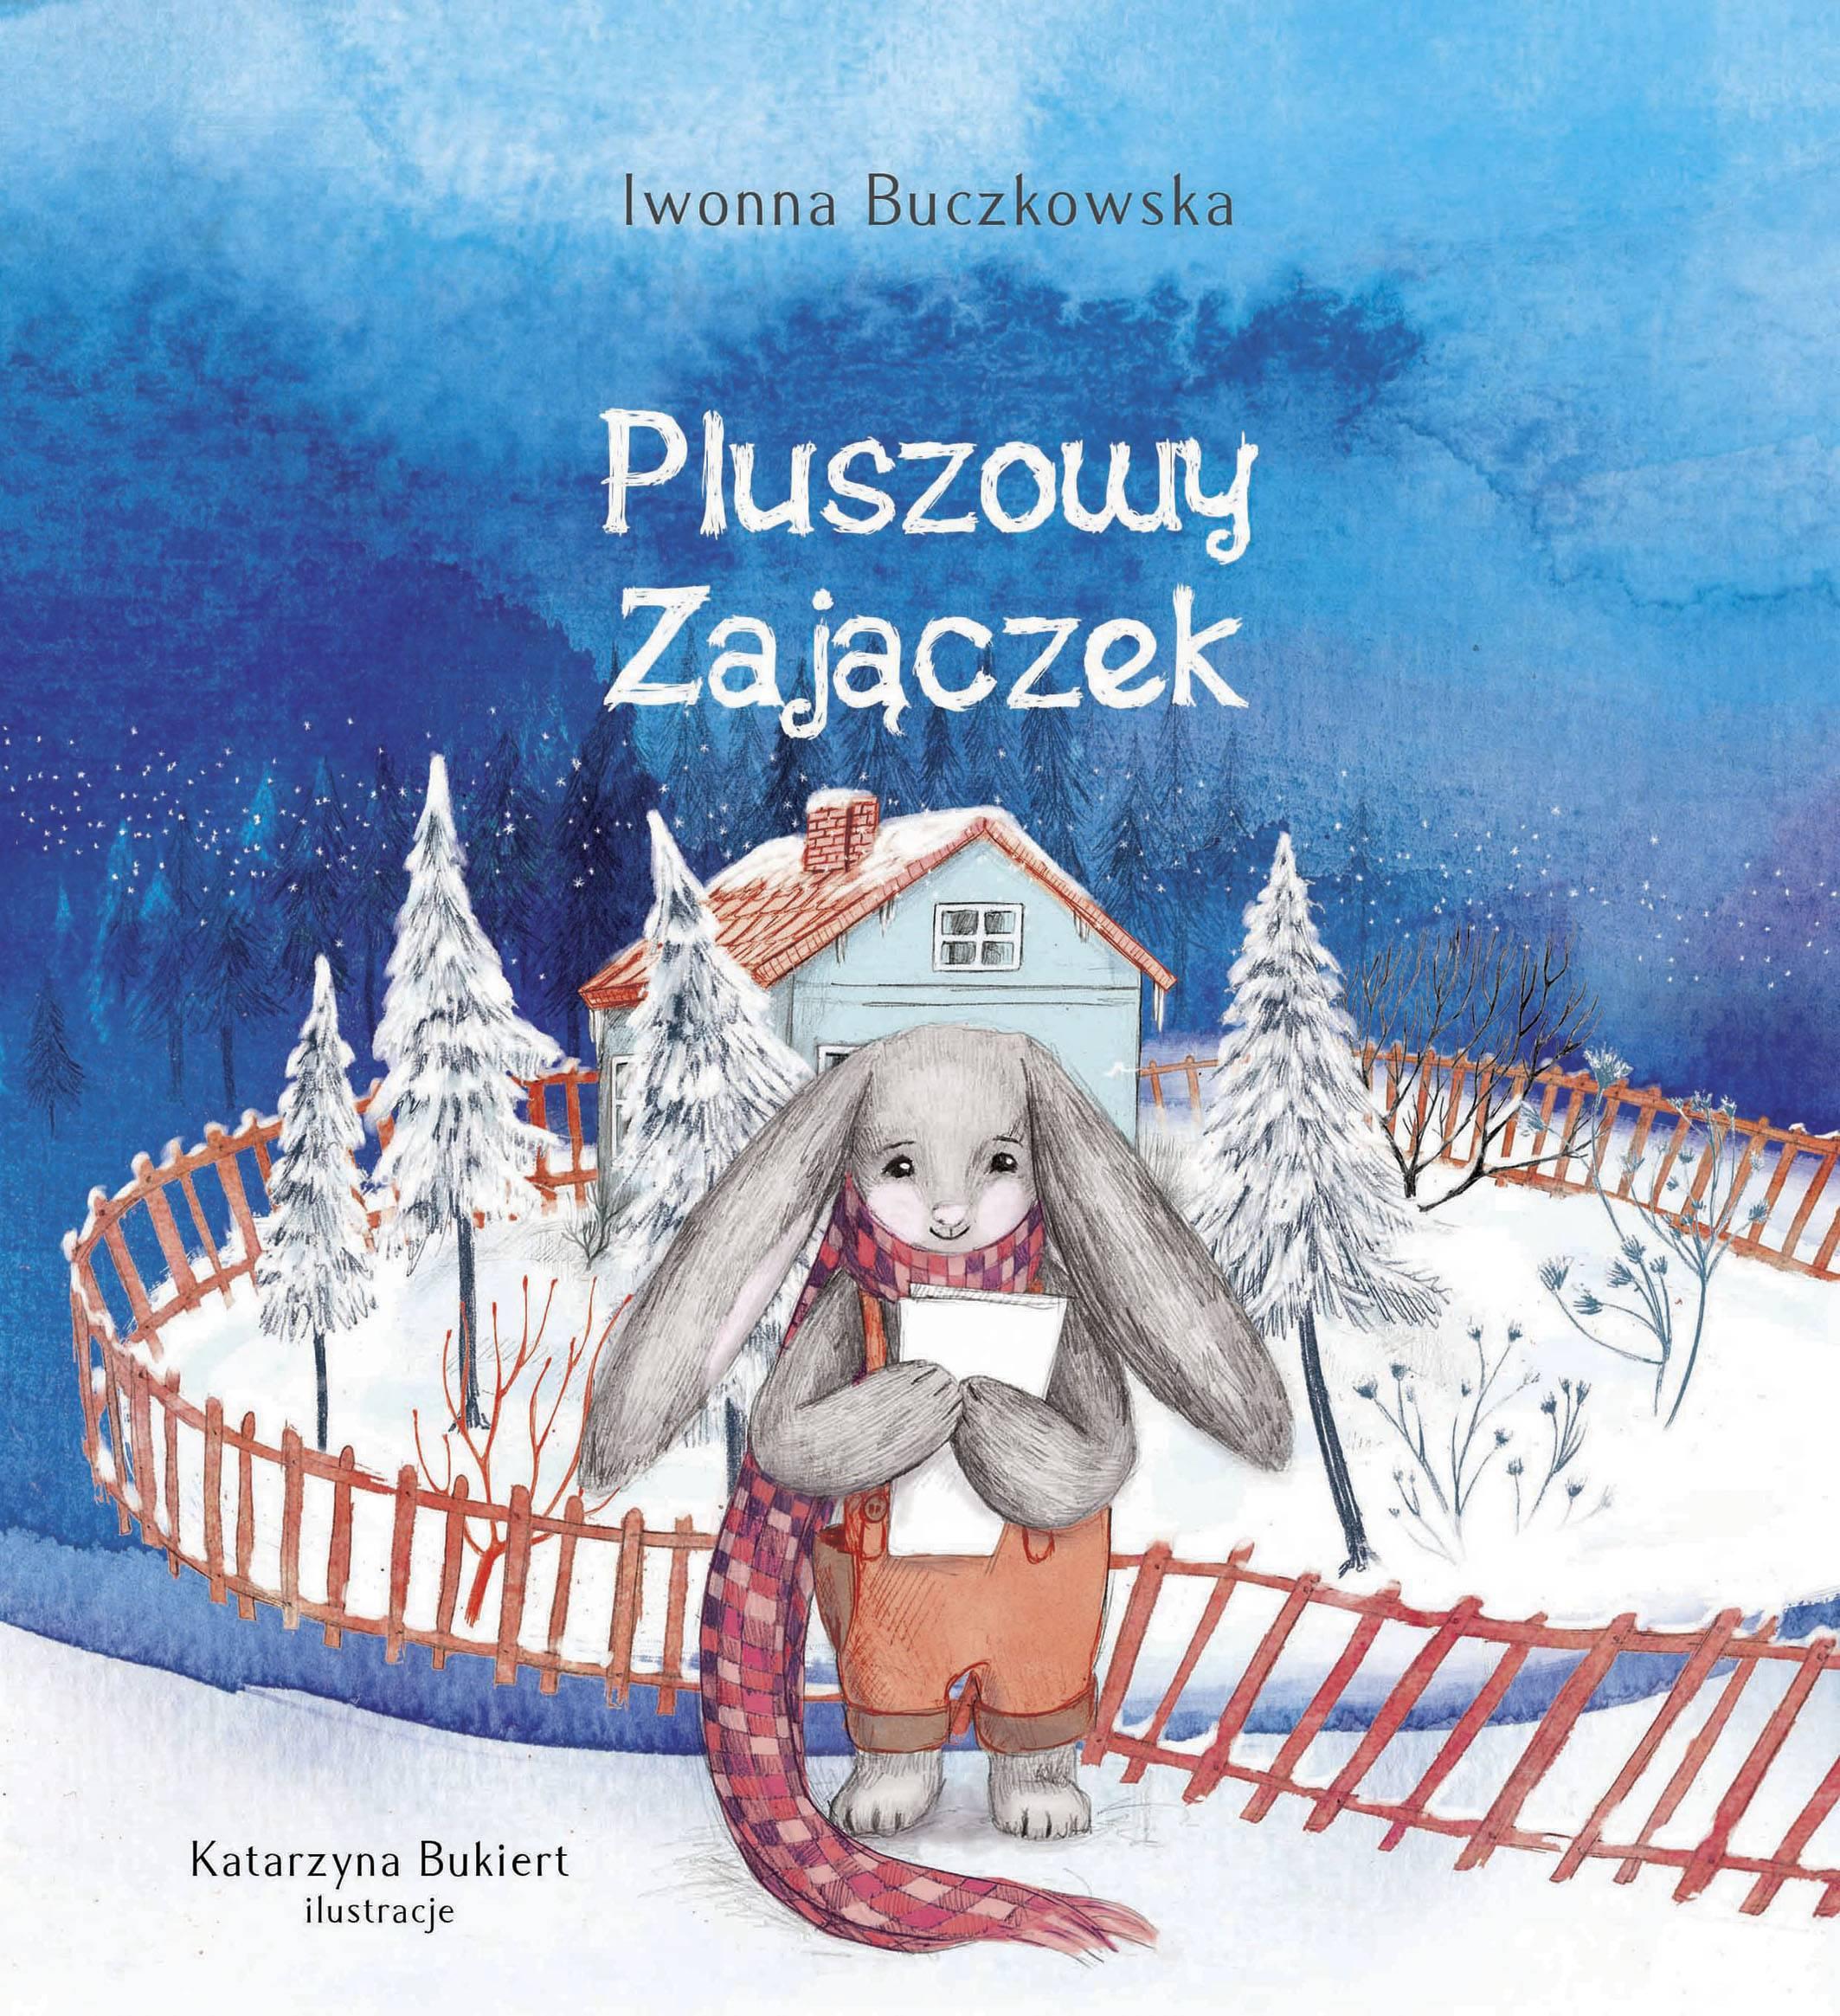 Bajki dla dzieci Iwonny Buczkowskiej: okładka Pluszowego zajączka.